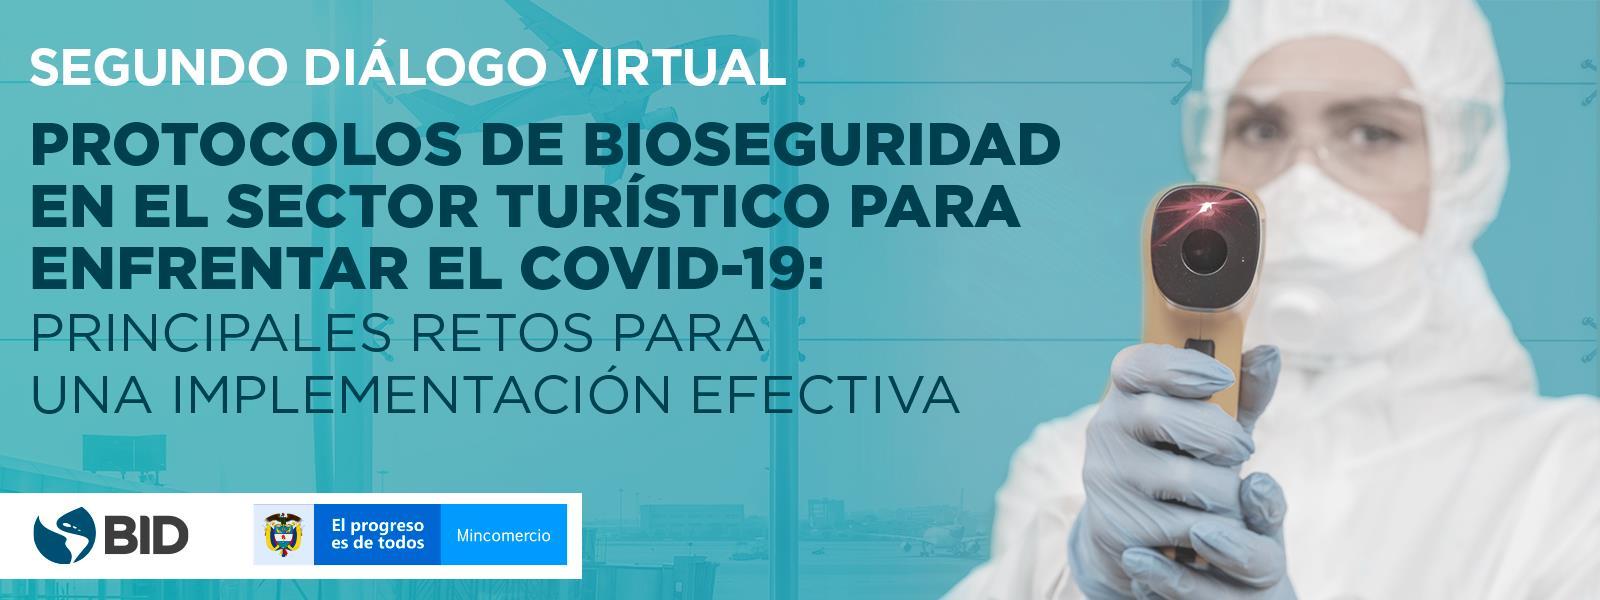 protocolos de bioseguridad nicaragua